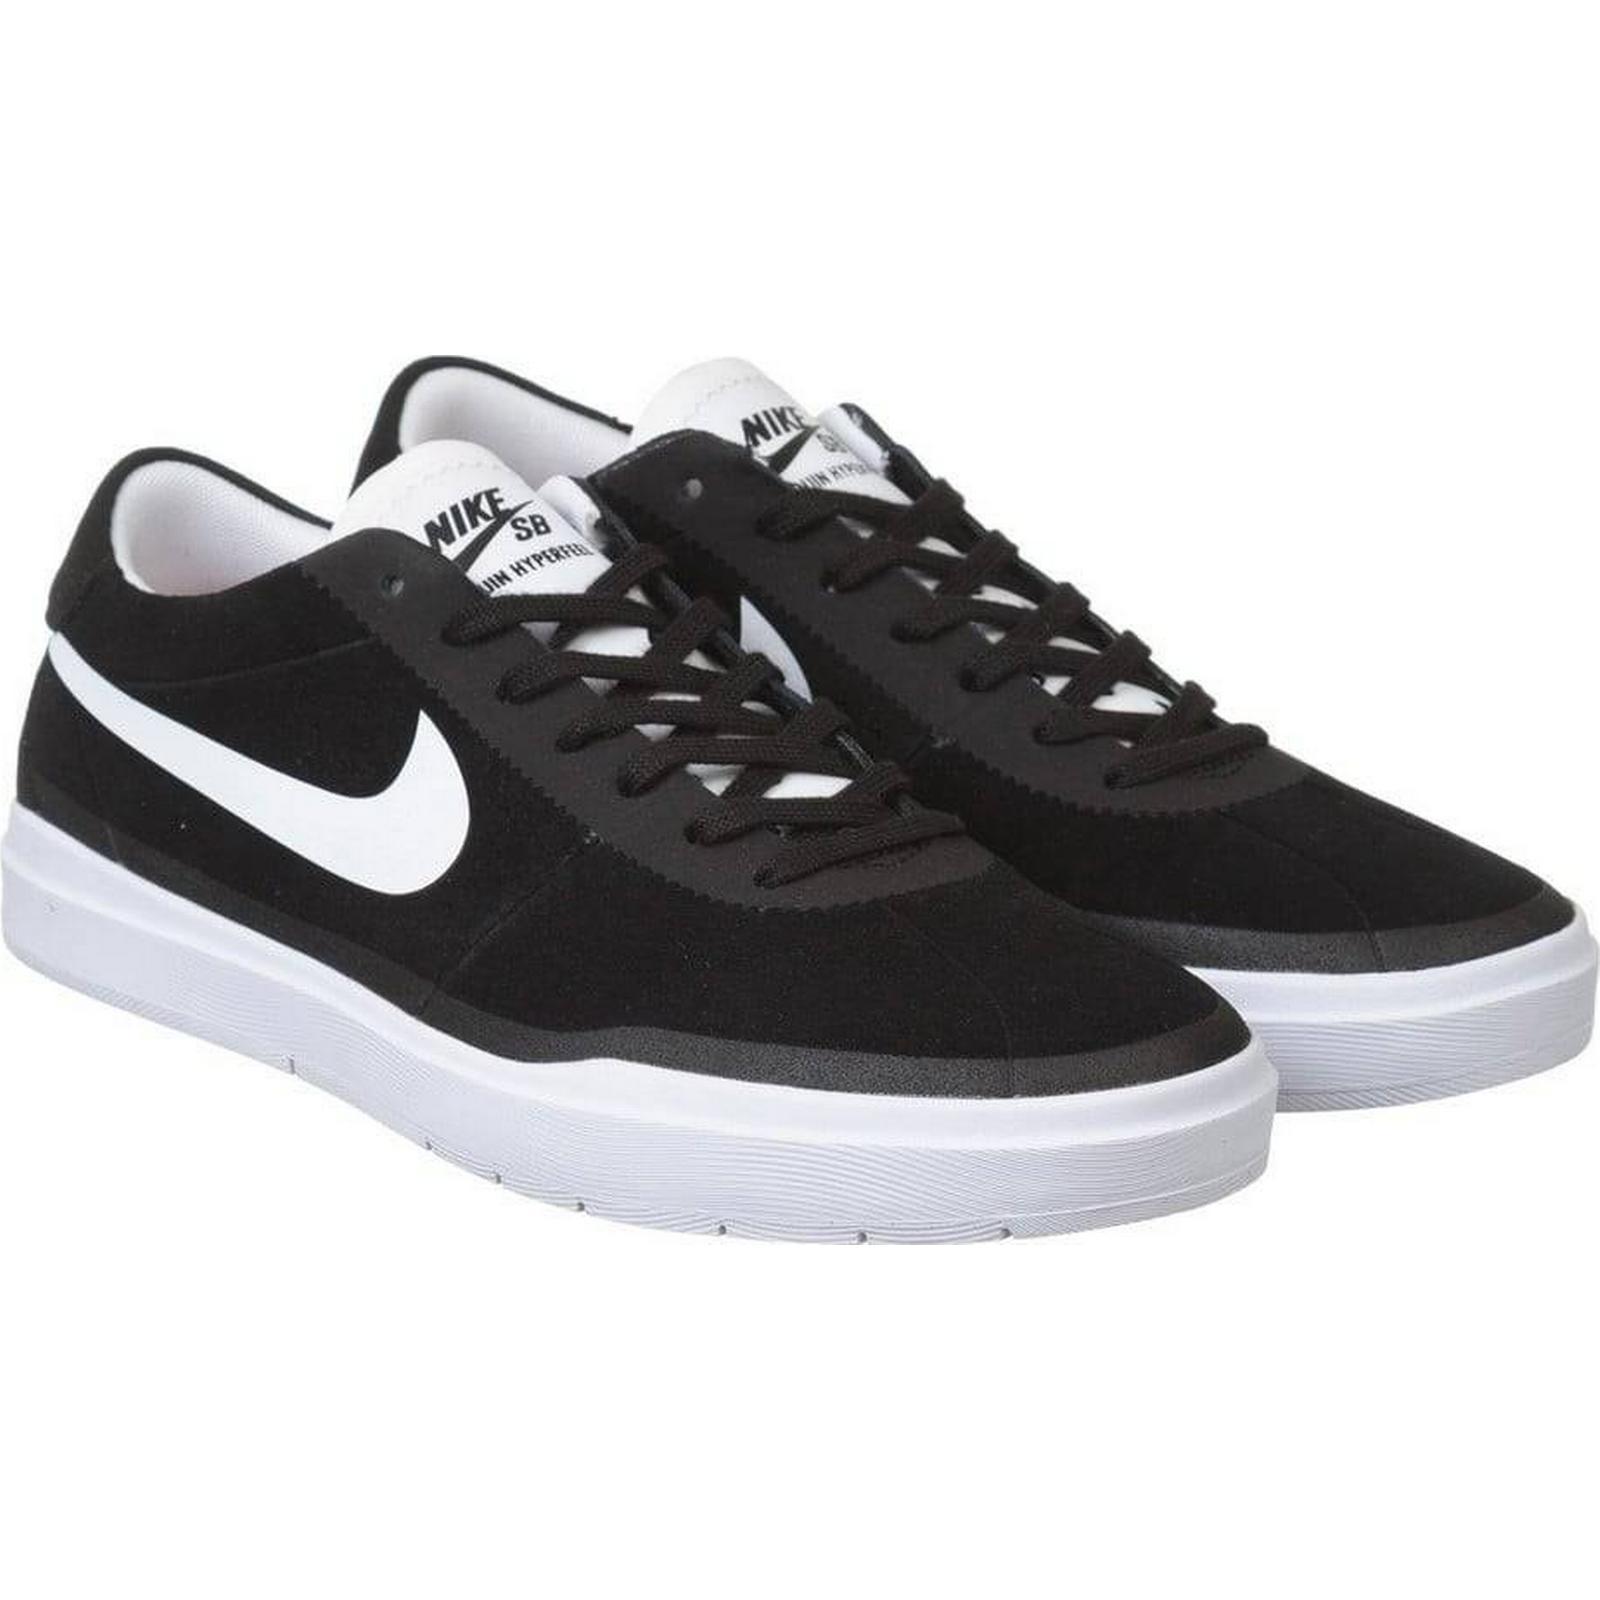 Nike SB Bruin Hyperfeel Shoes 8, - Black/White Size: UK 8, Shoes Colour: Black/ 8c579d